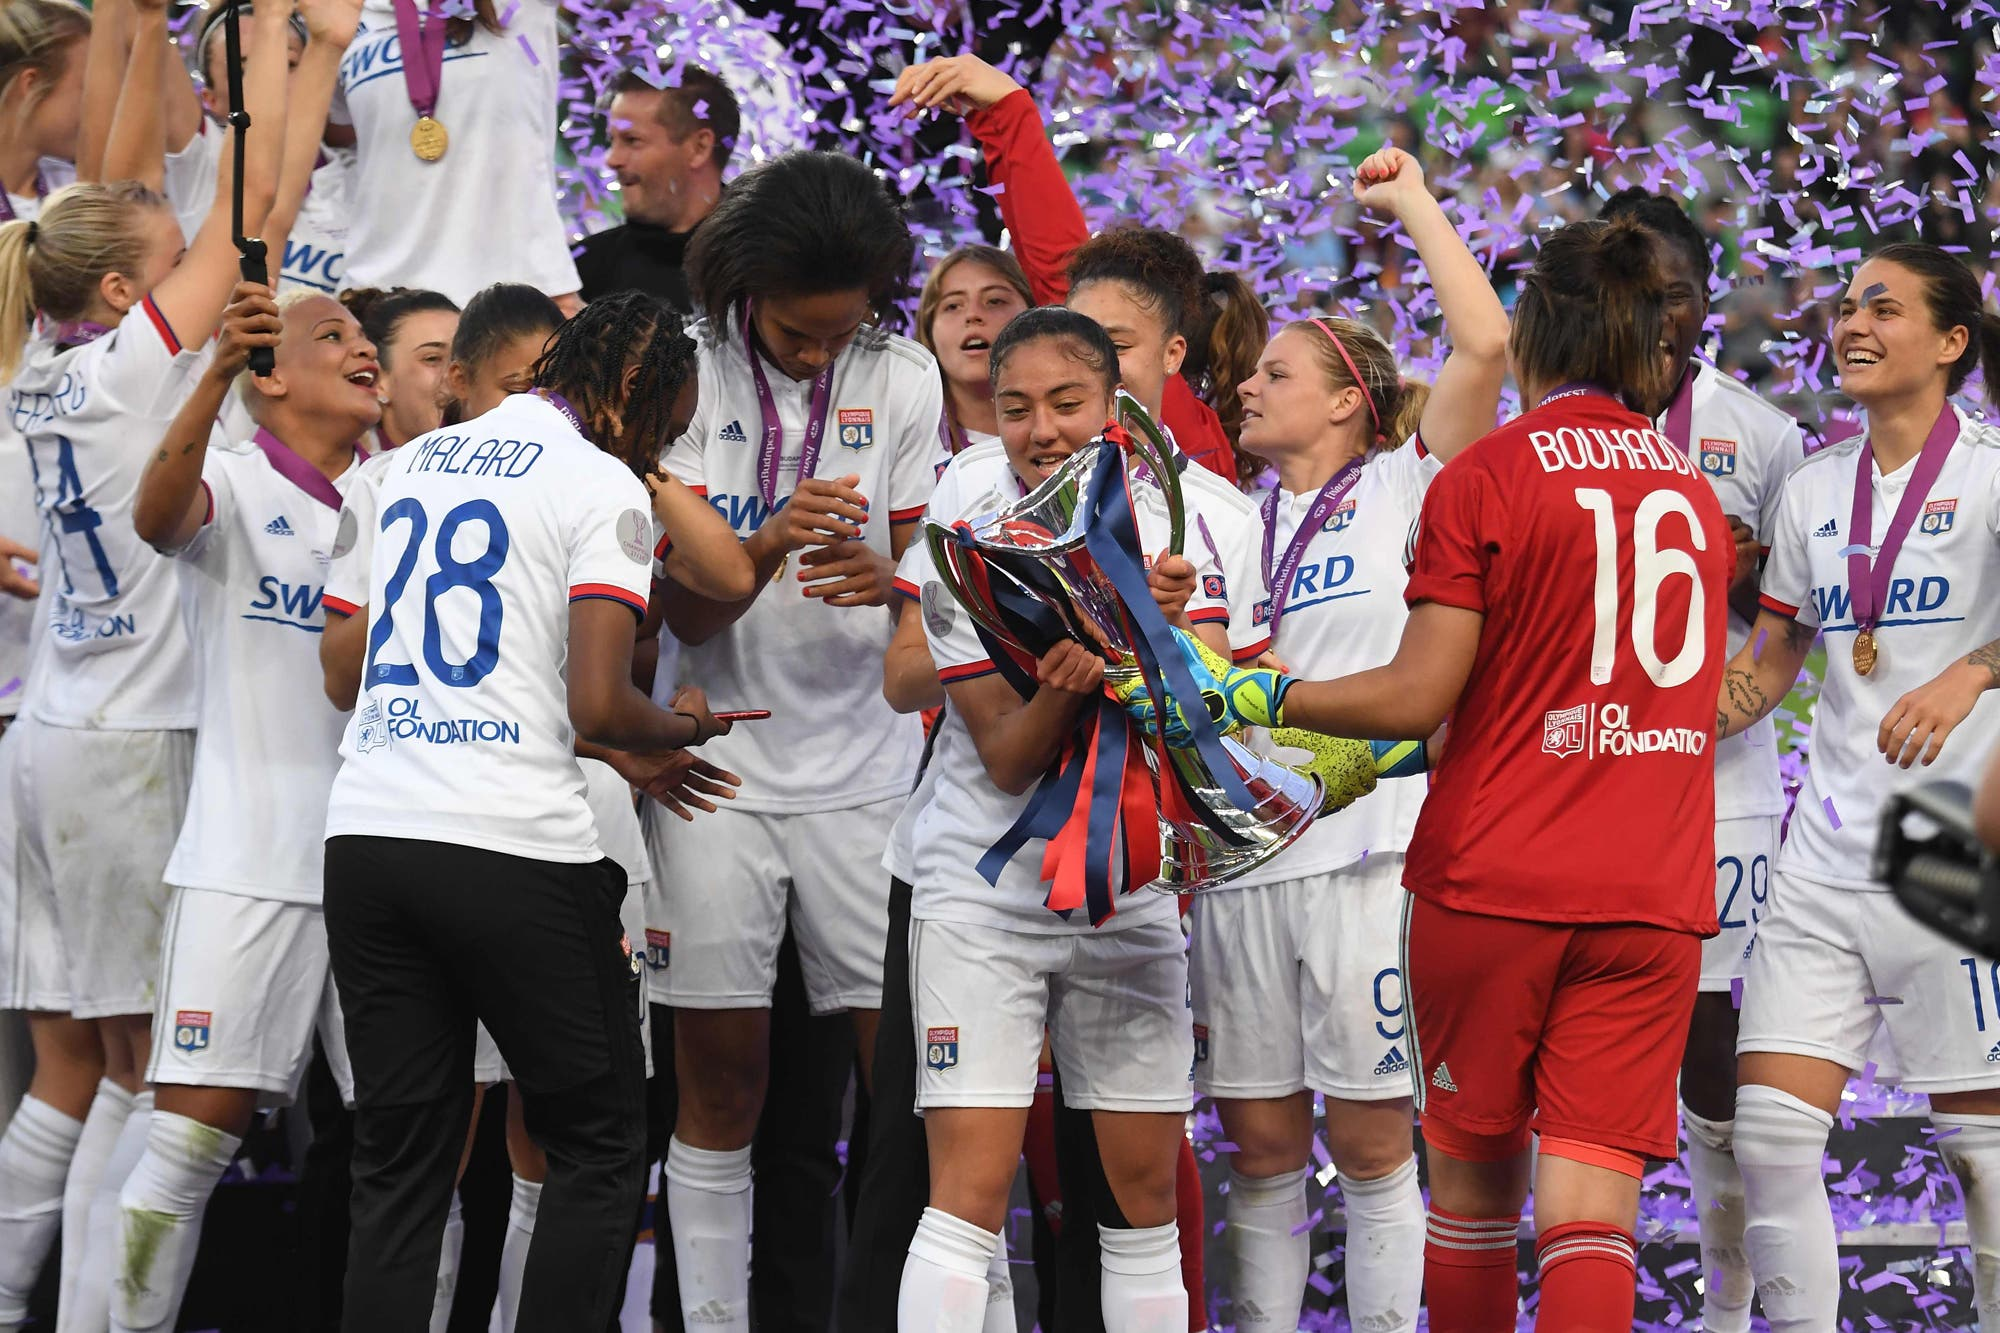 Bayern Munich y el Olympique de Lyon de Soledad Jaimes, campeones en un día de definiciones en Europa